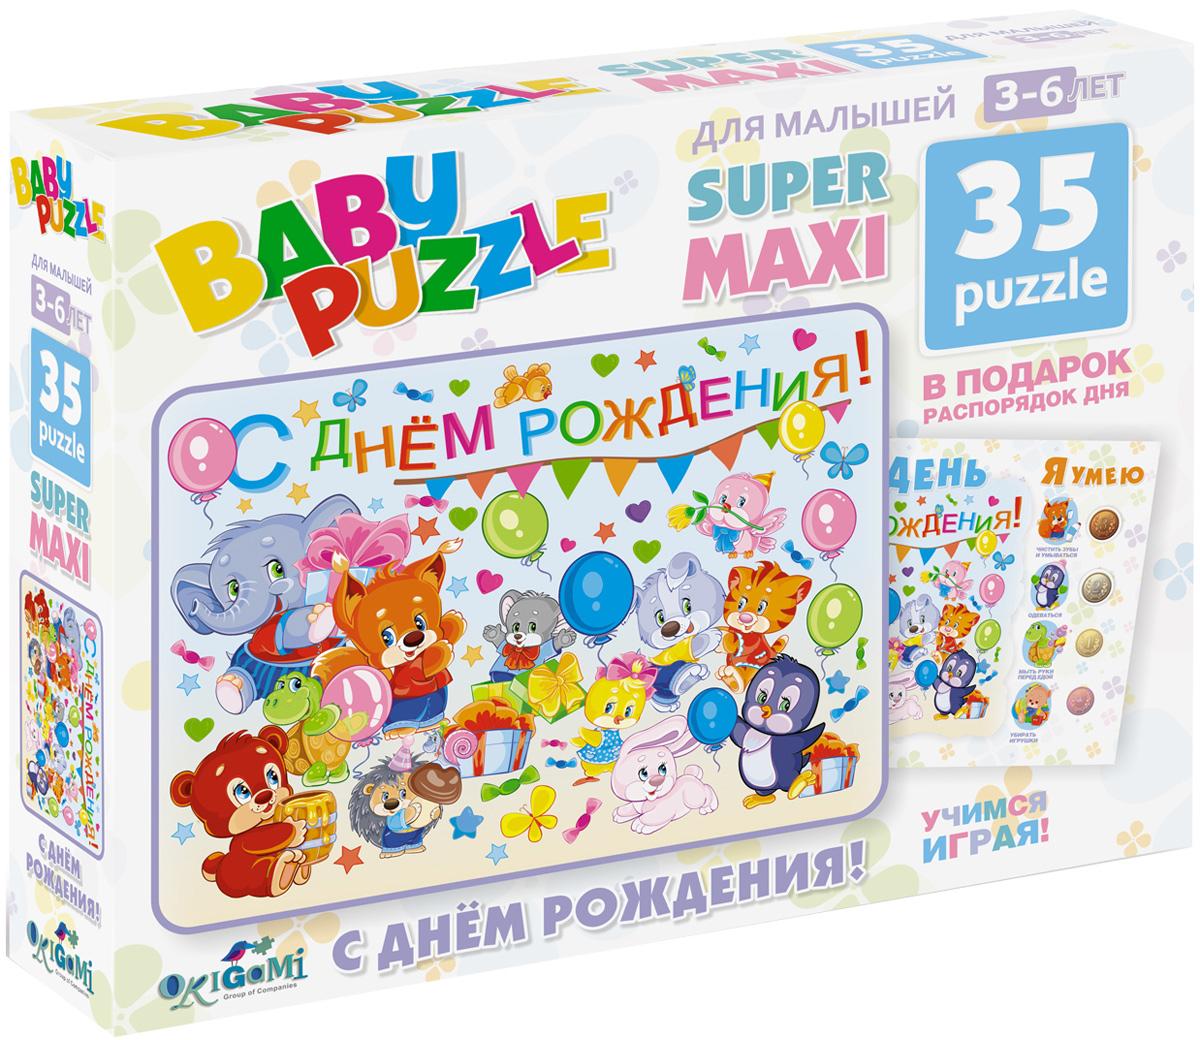 Origami Пазл для малышей С днем рождения!